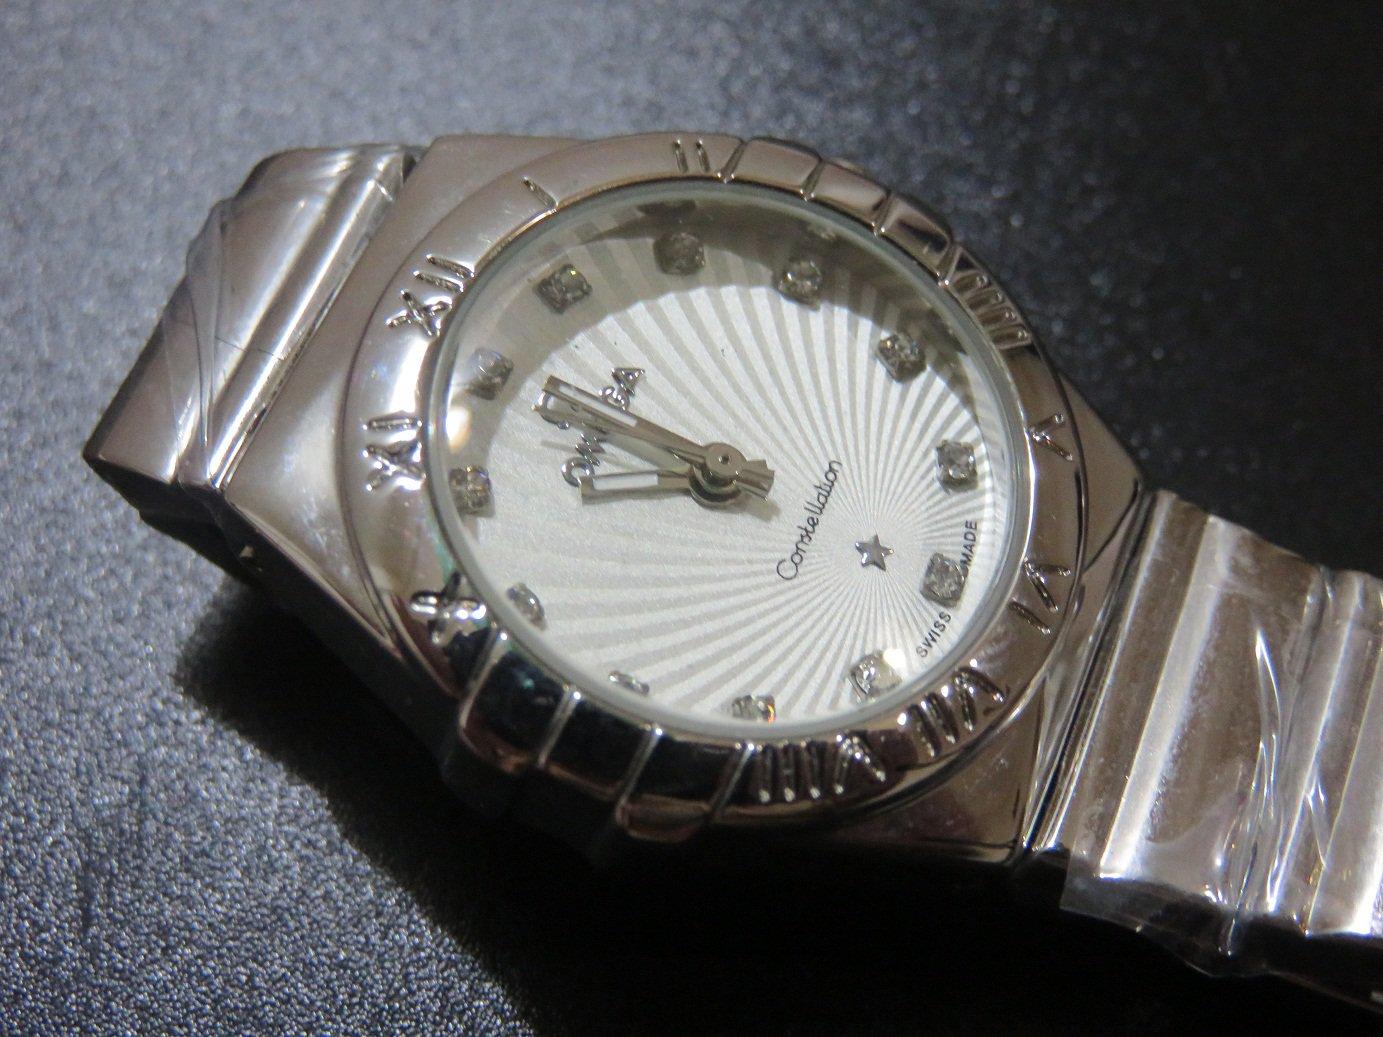 Constellation Quartz Watch - White